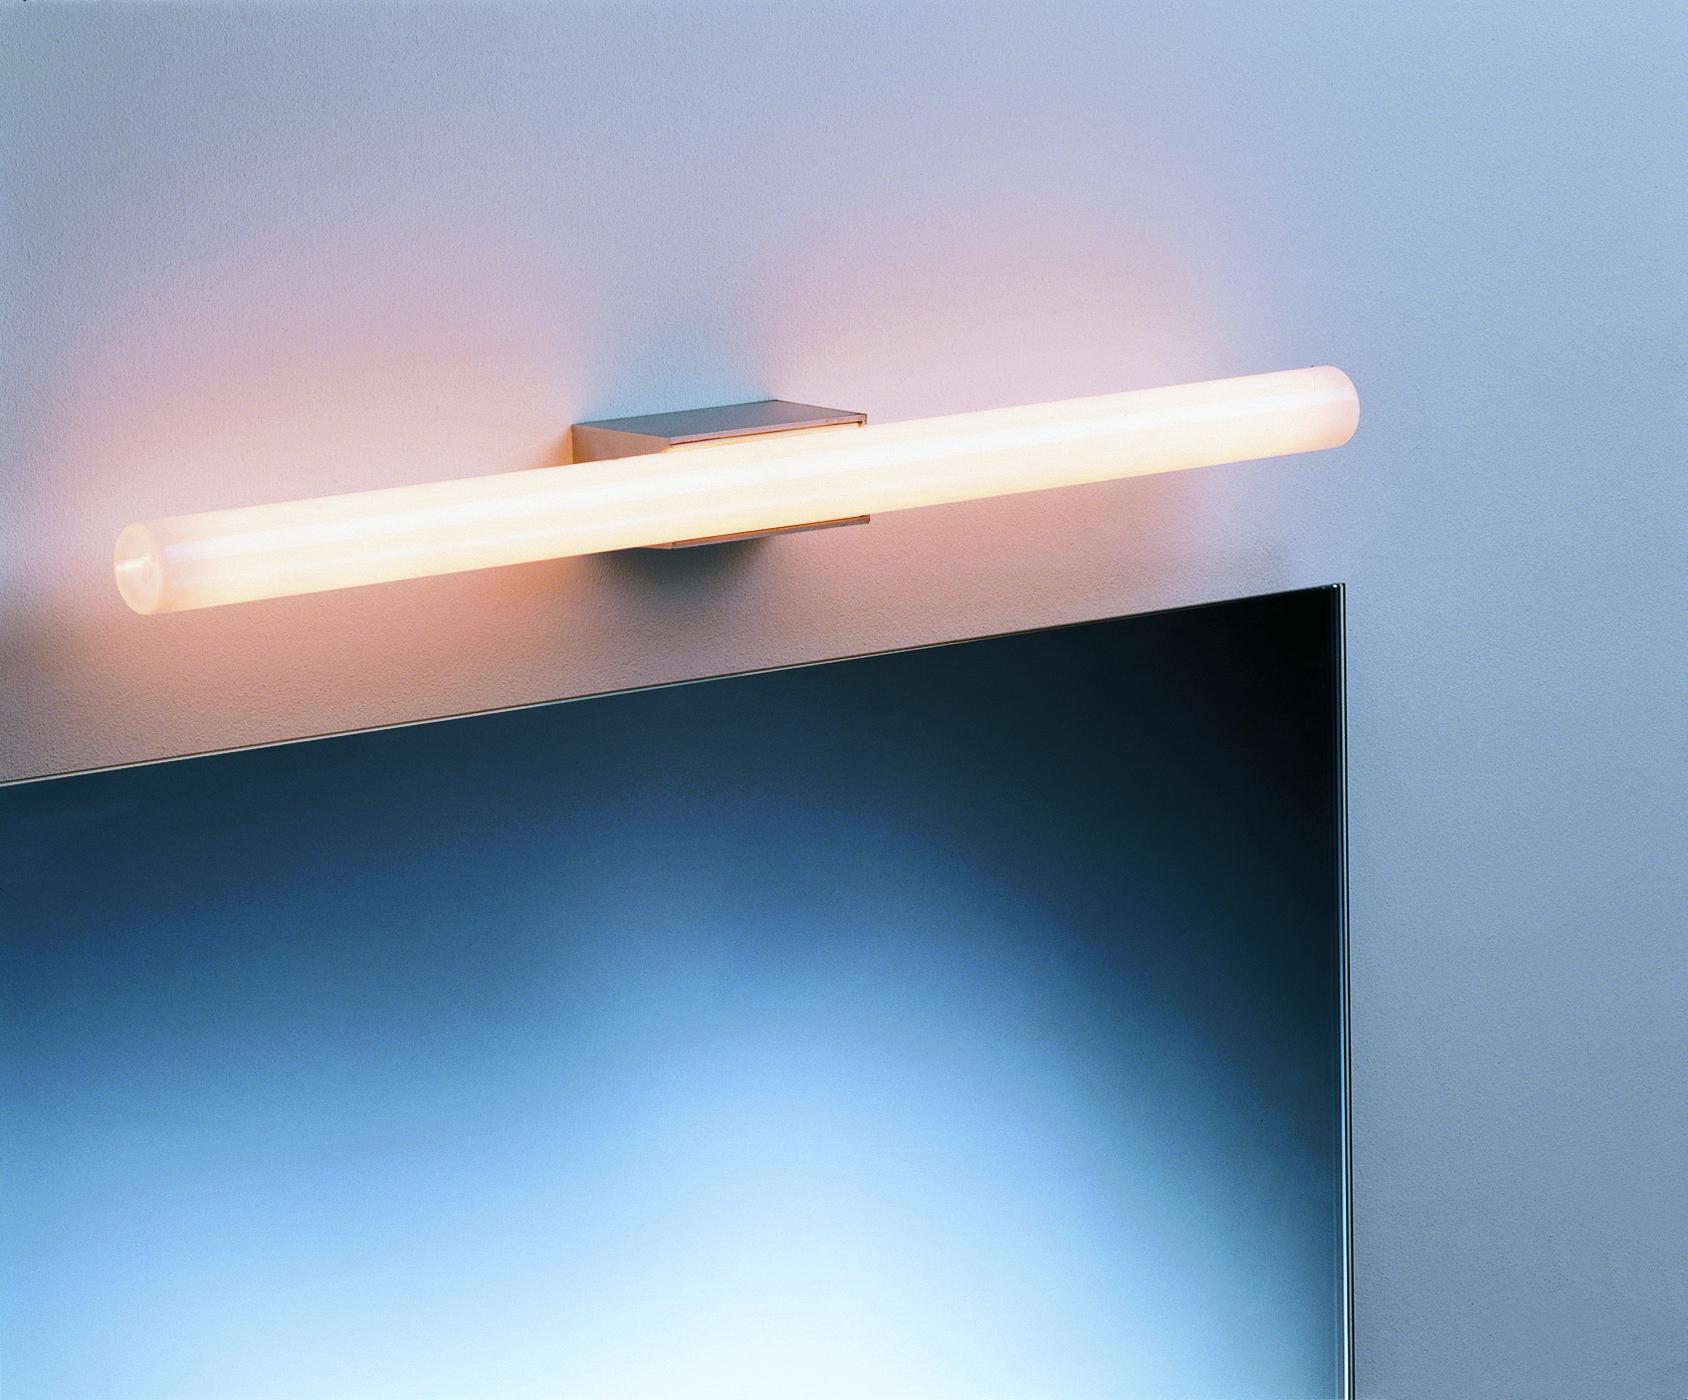 Top Light Lichtstange Die Schnelle Licht Lampen Wandleuchte